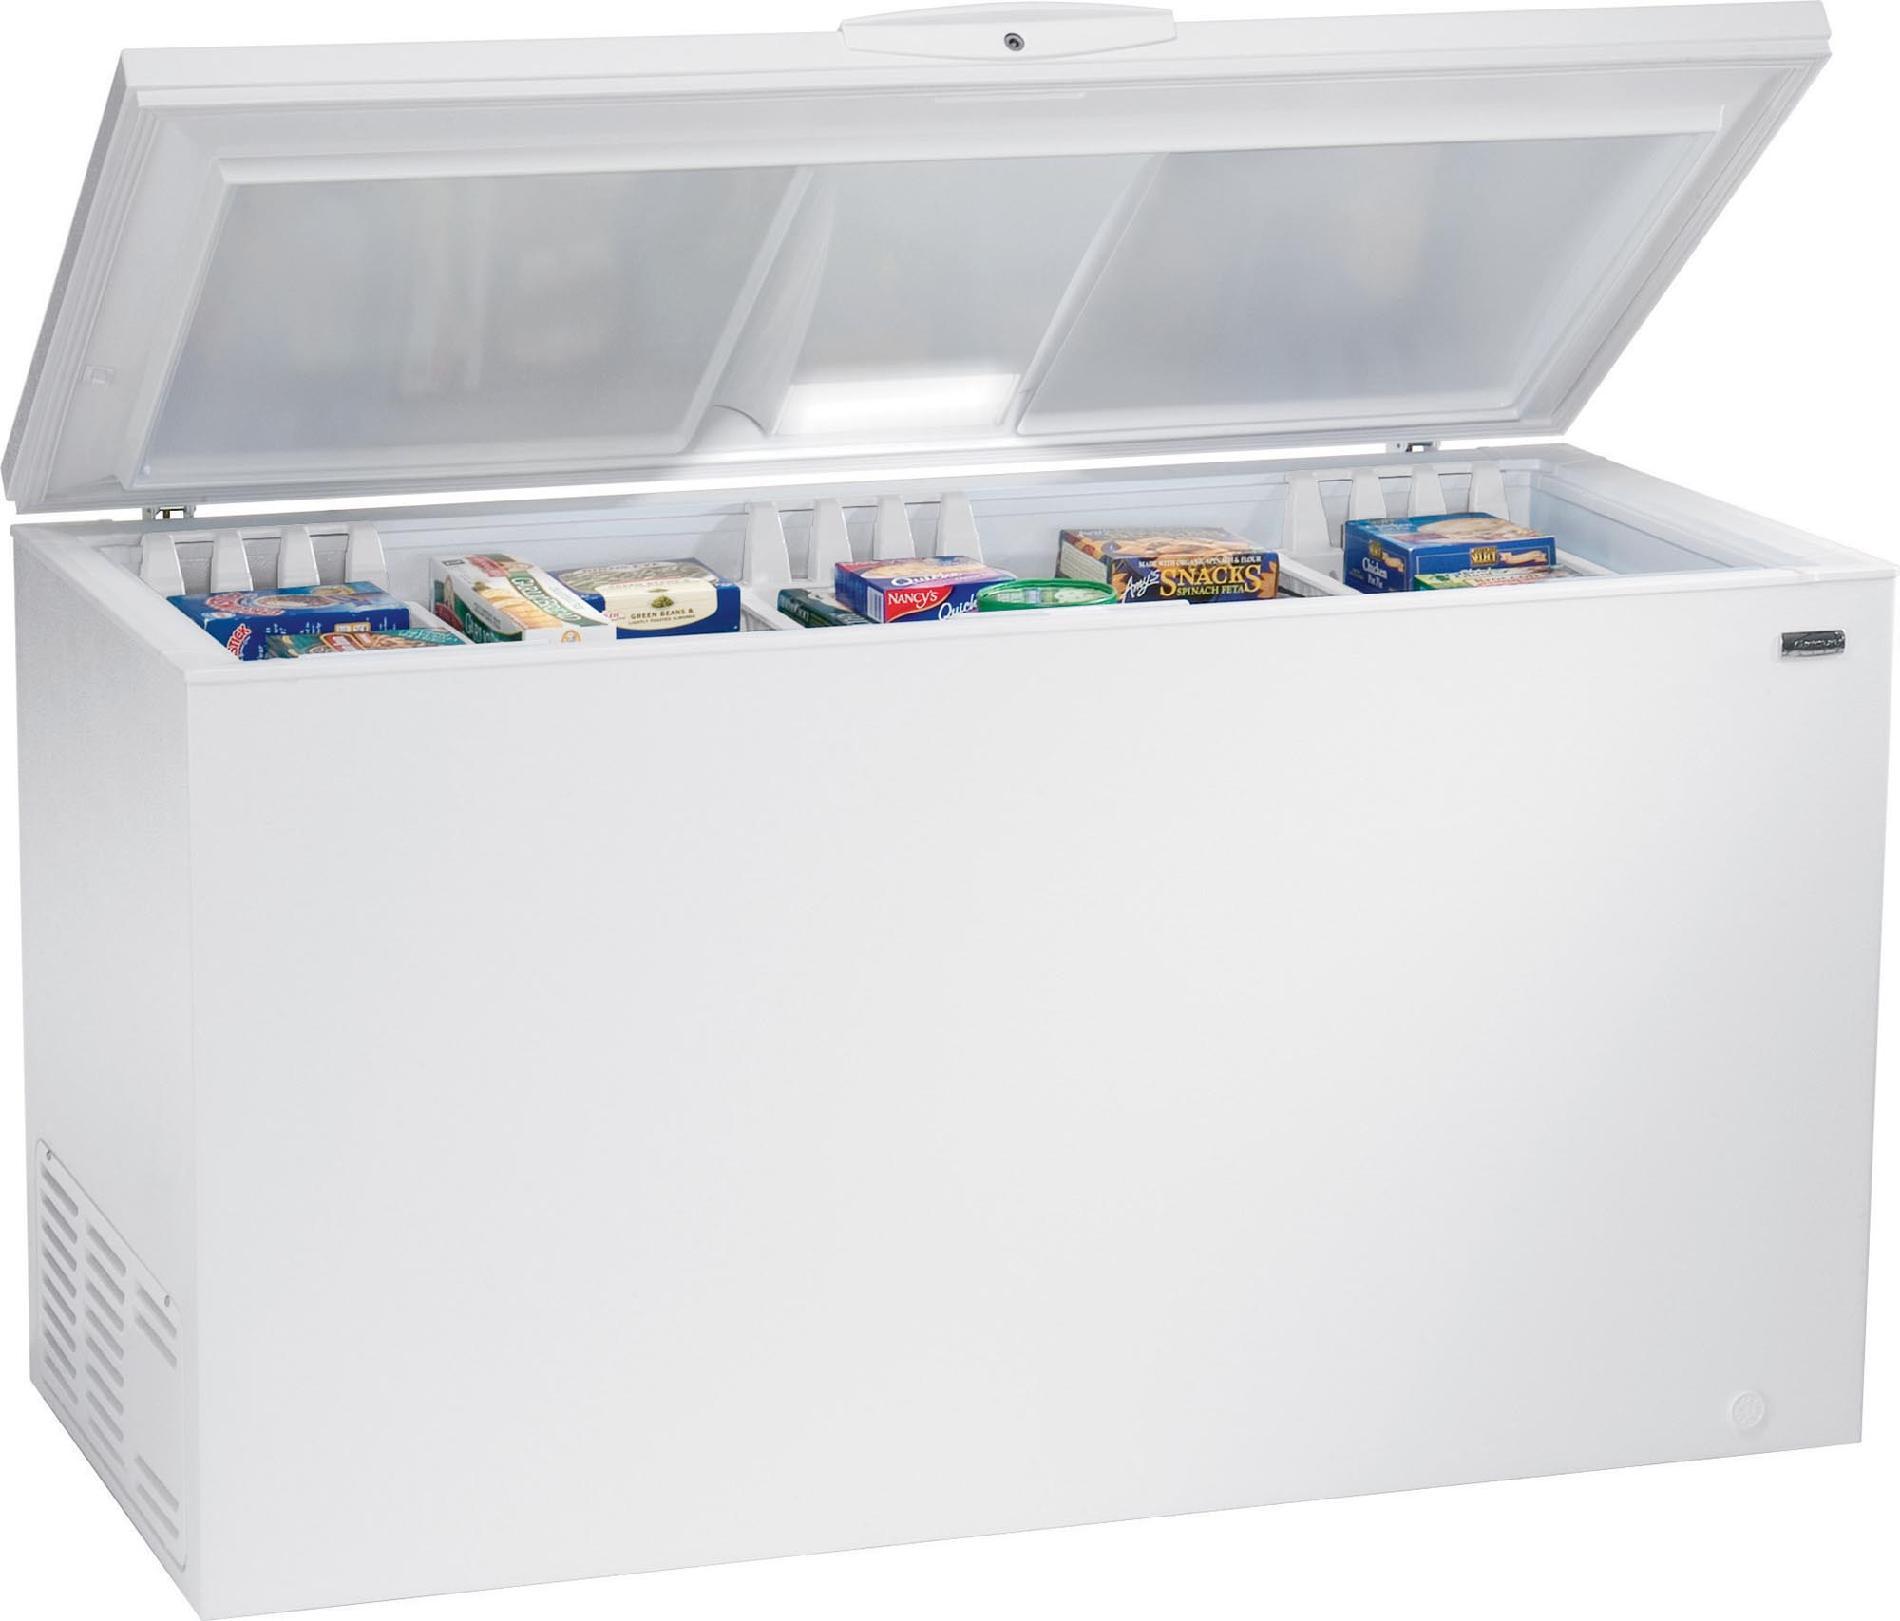 medium resolution of freezer wiring schematic 253 14592101 defrost timer